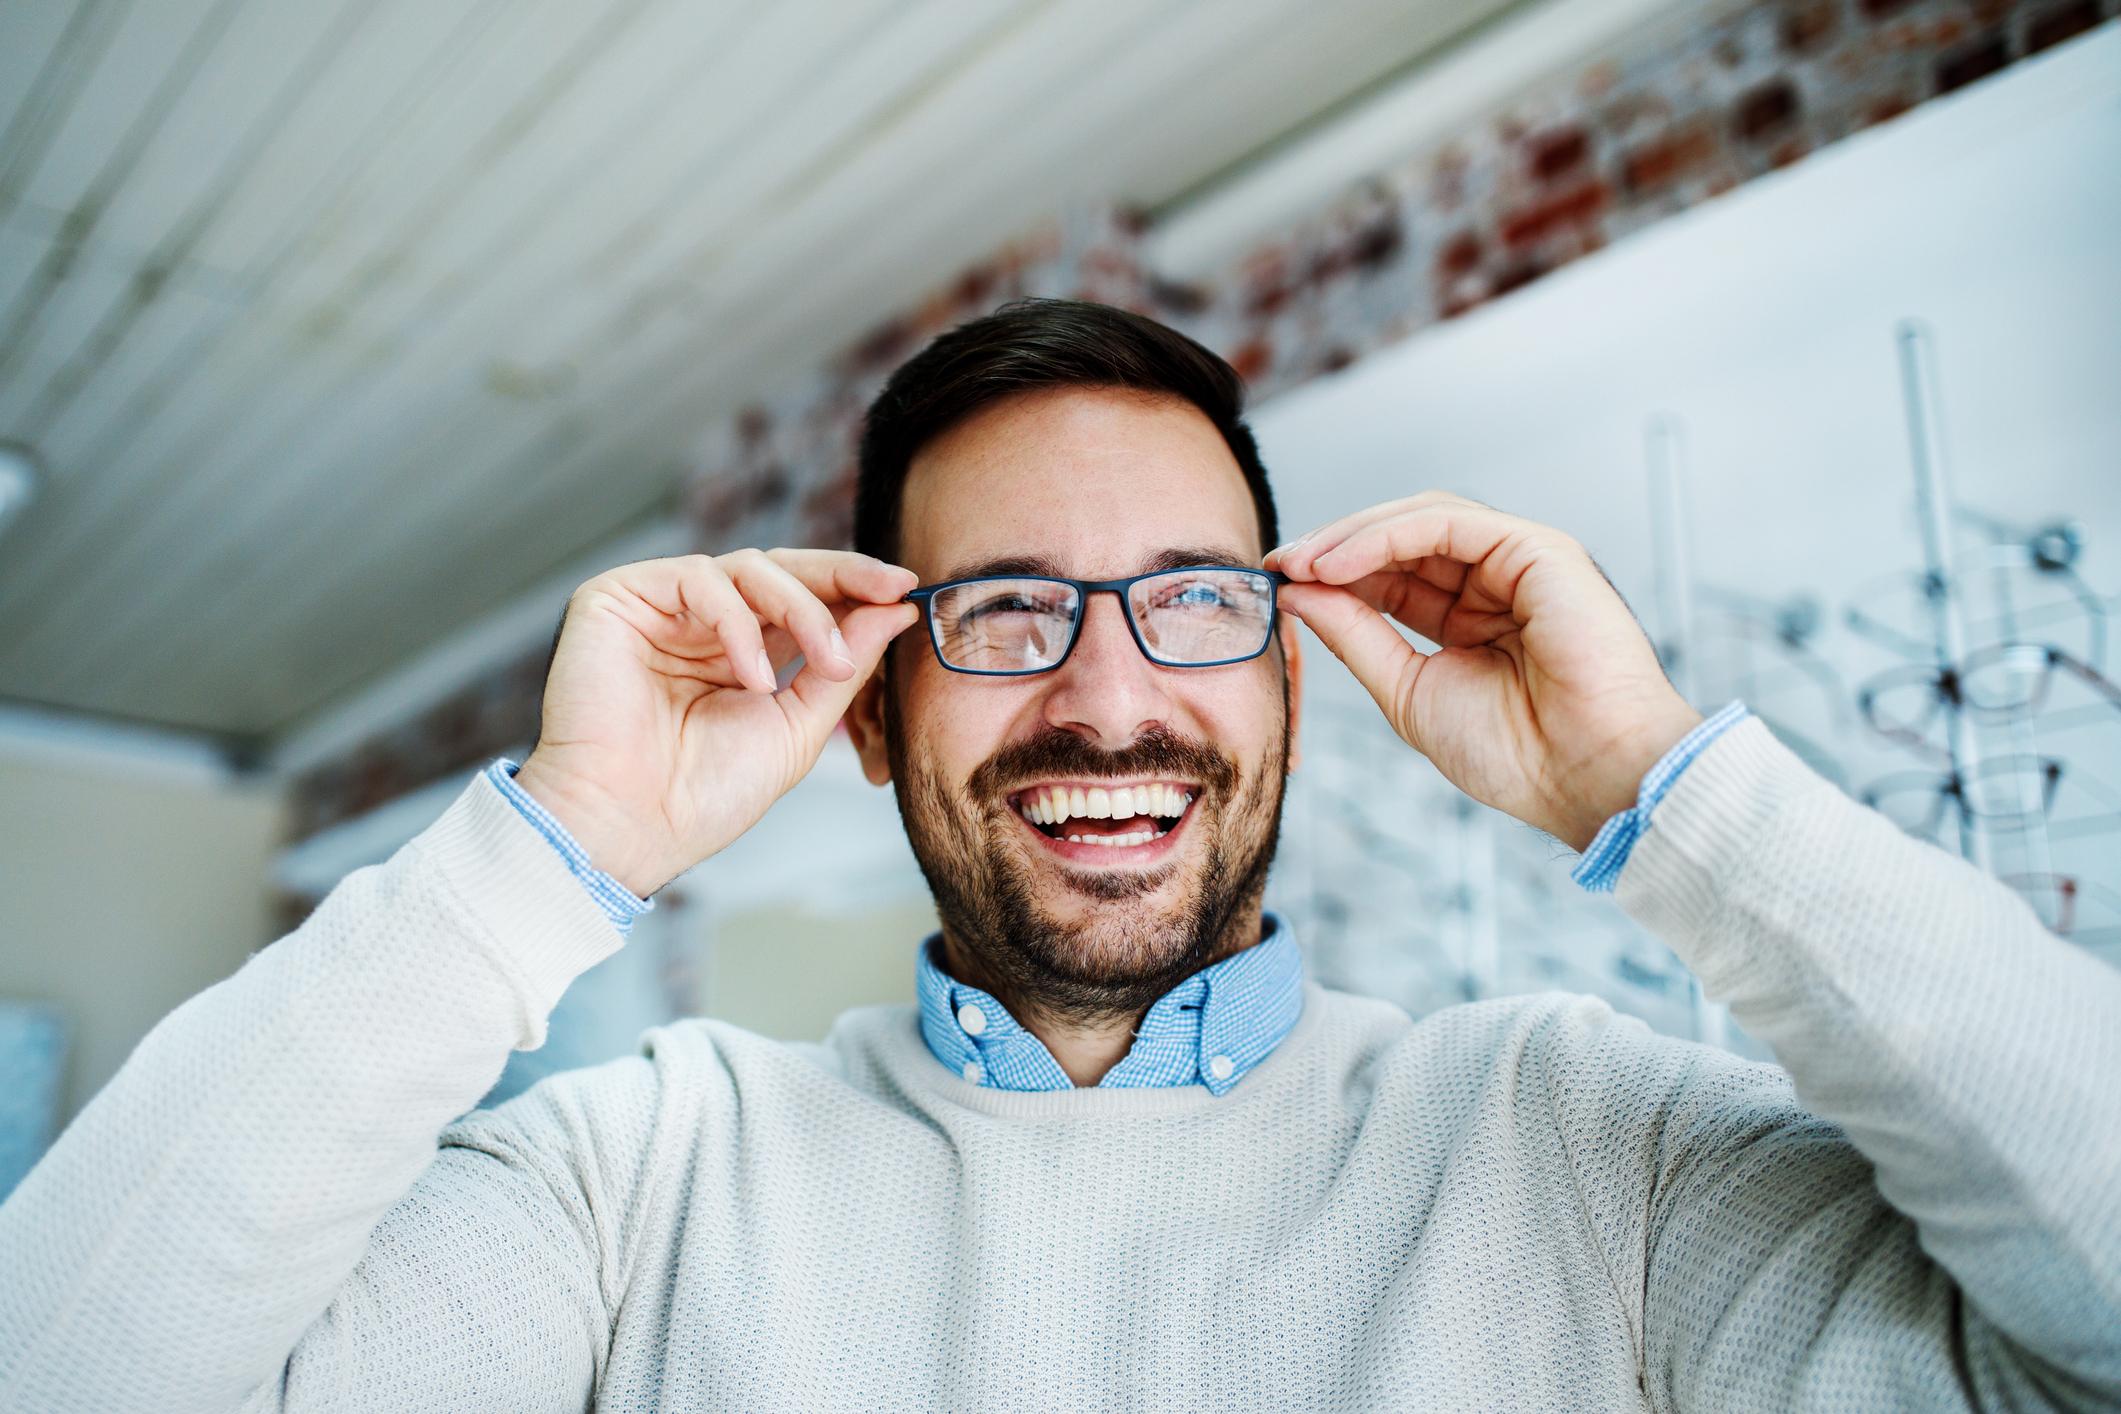 O estrabismo é caracterizado por problemas nos músculos que controlam os movimentos oculares. O estrabismo atinge de 2 a 5% das crianças.